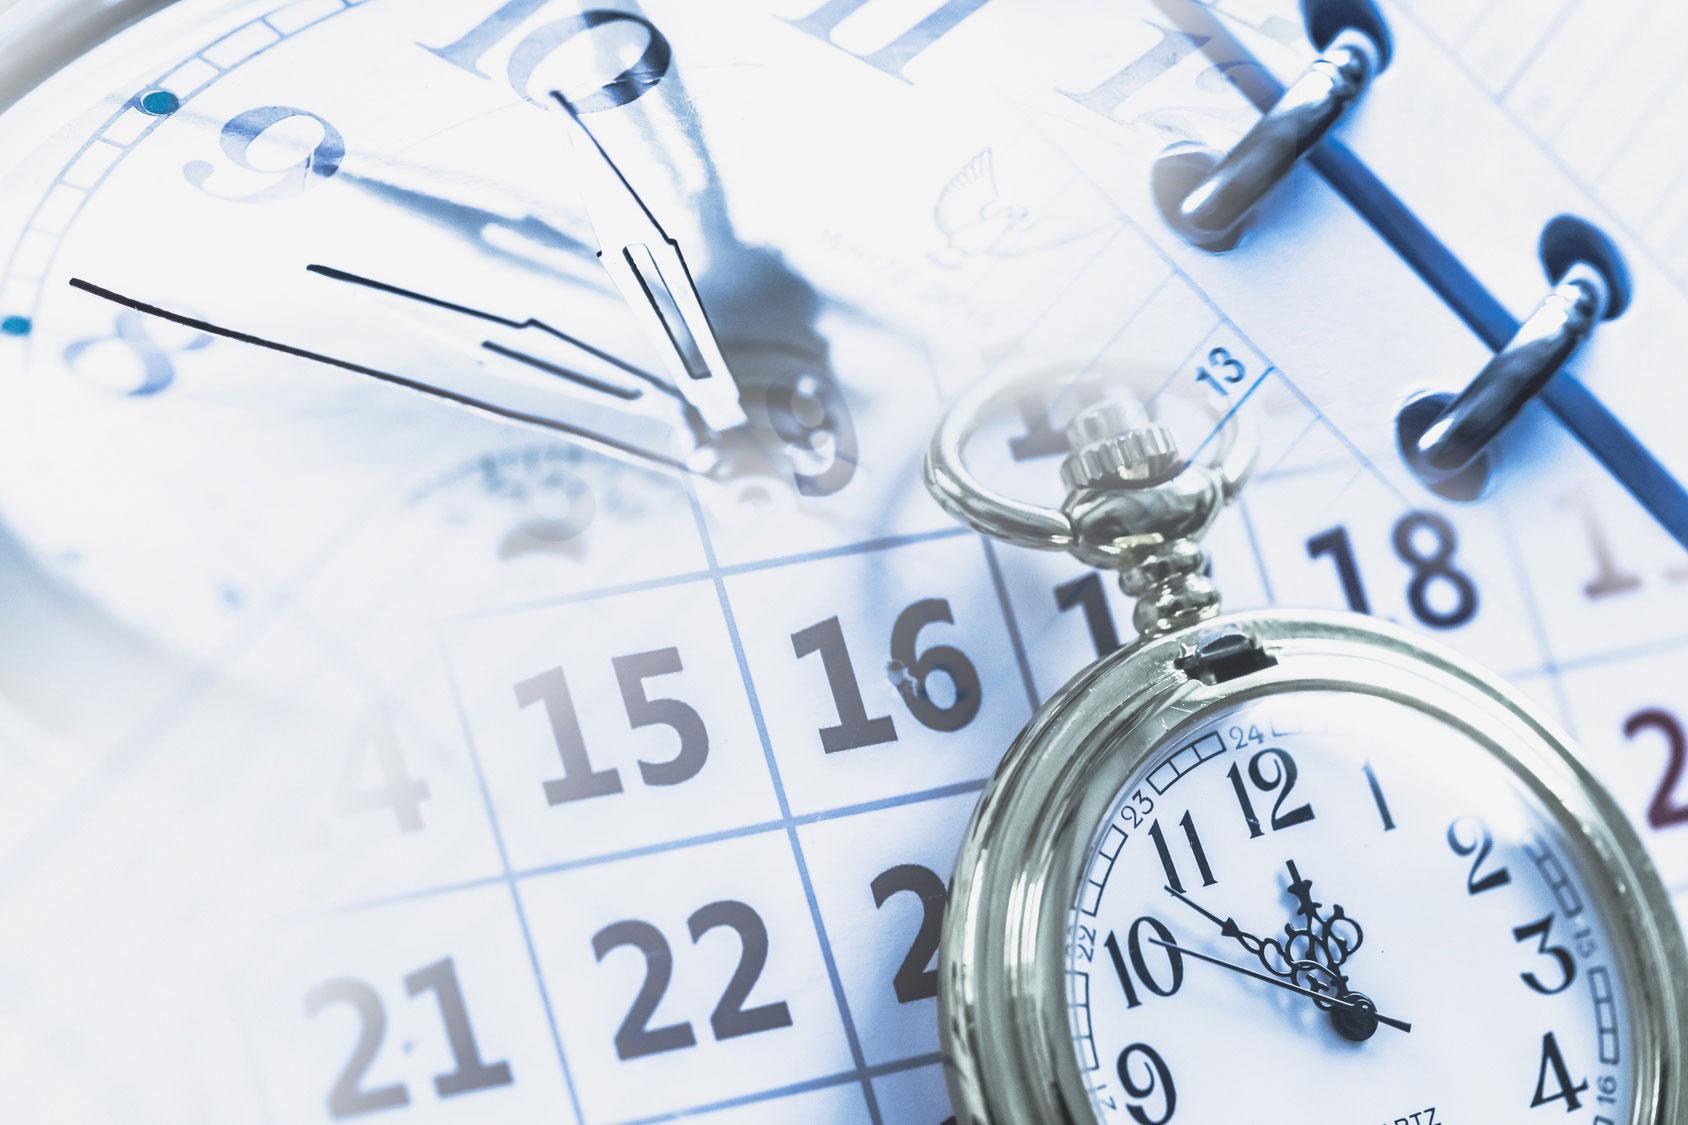 Eine Mediationssitzung dauert in der Regel 90 Minuten